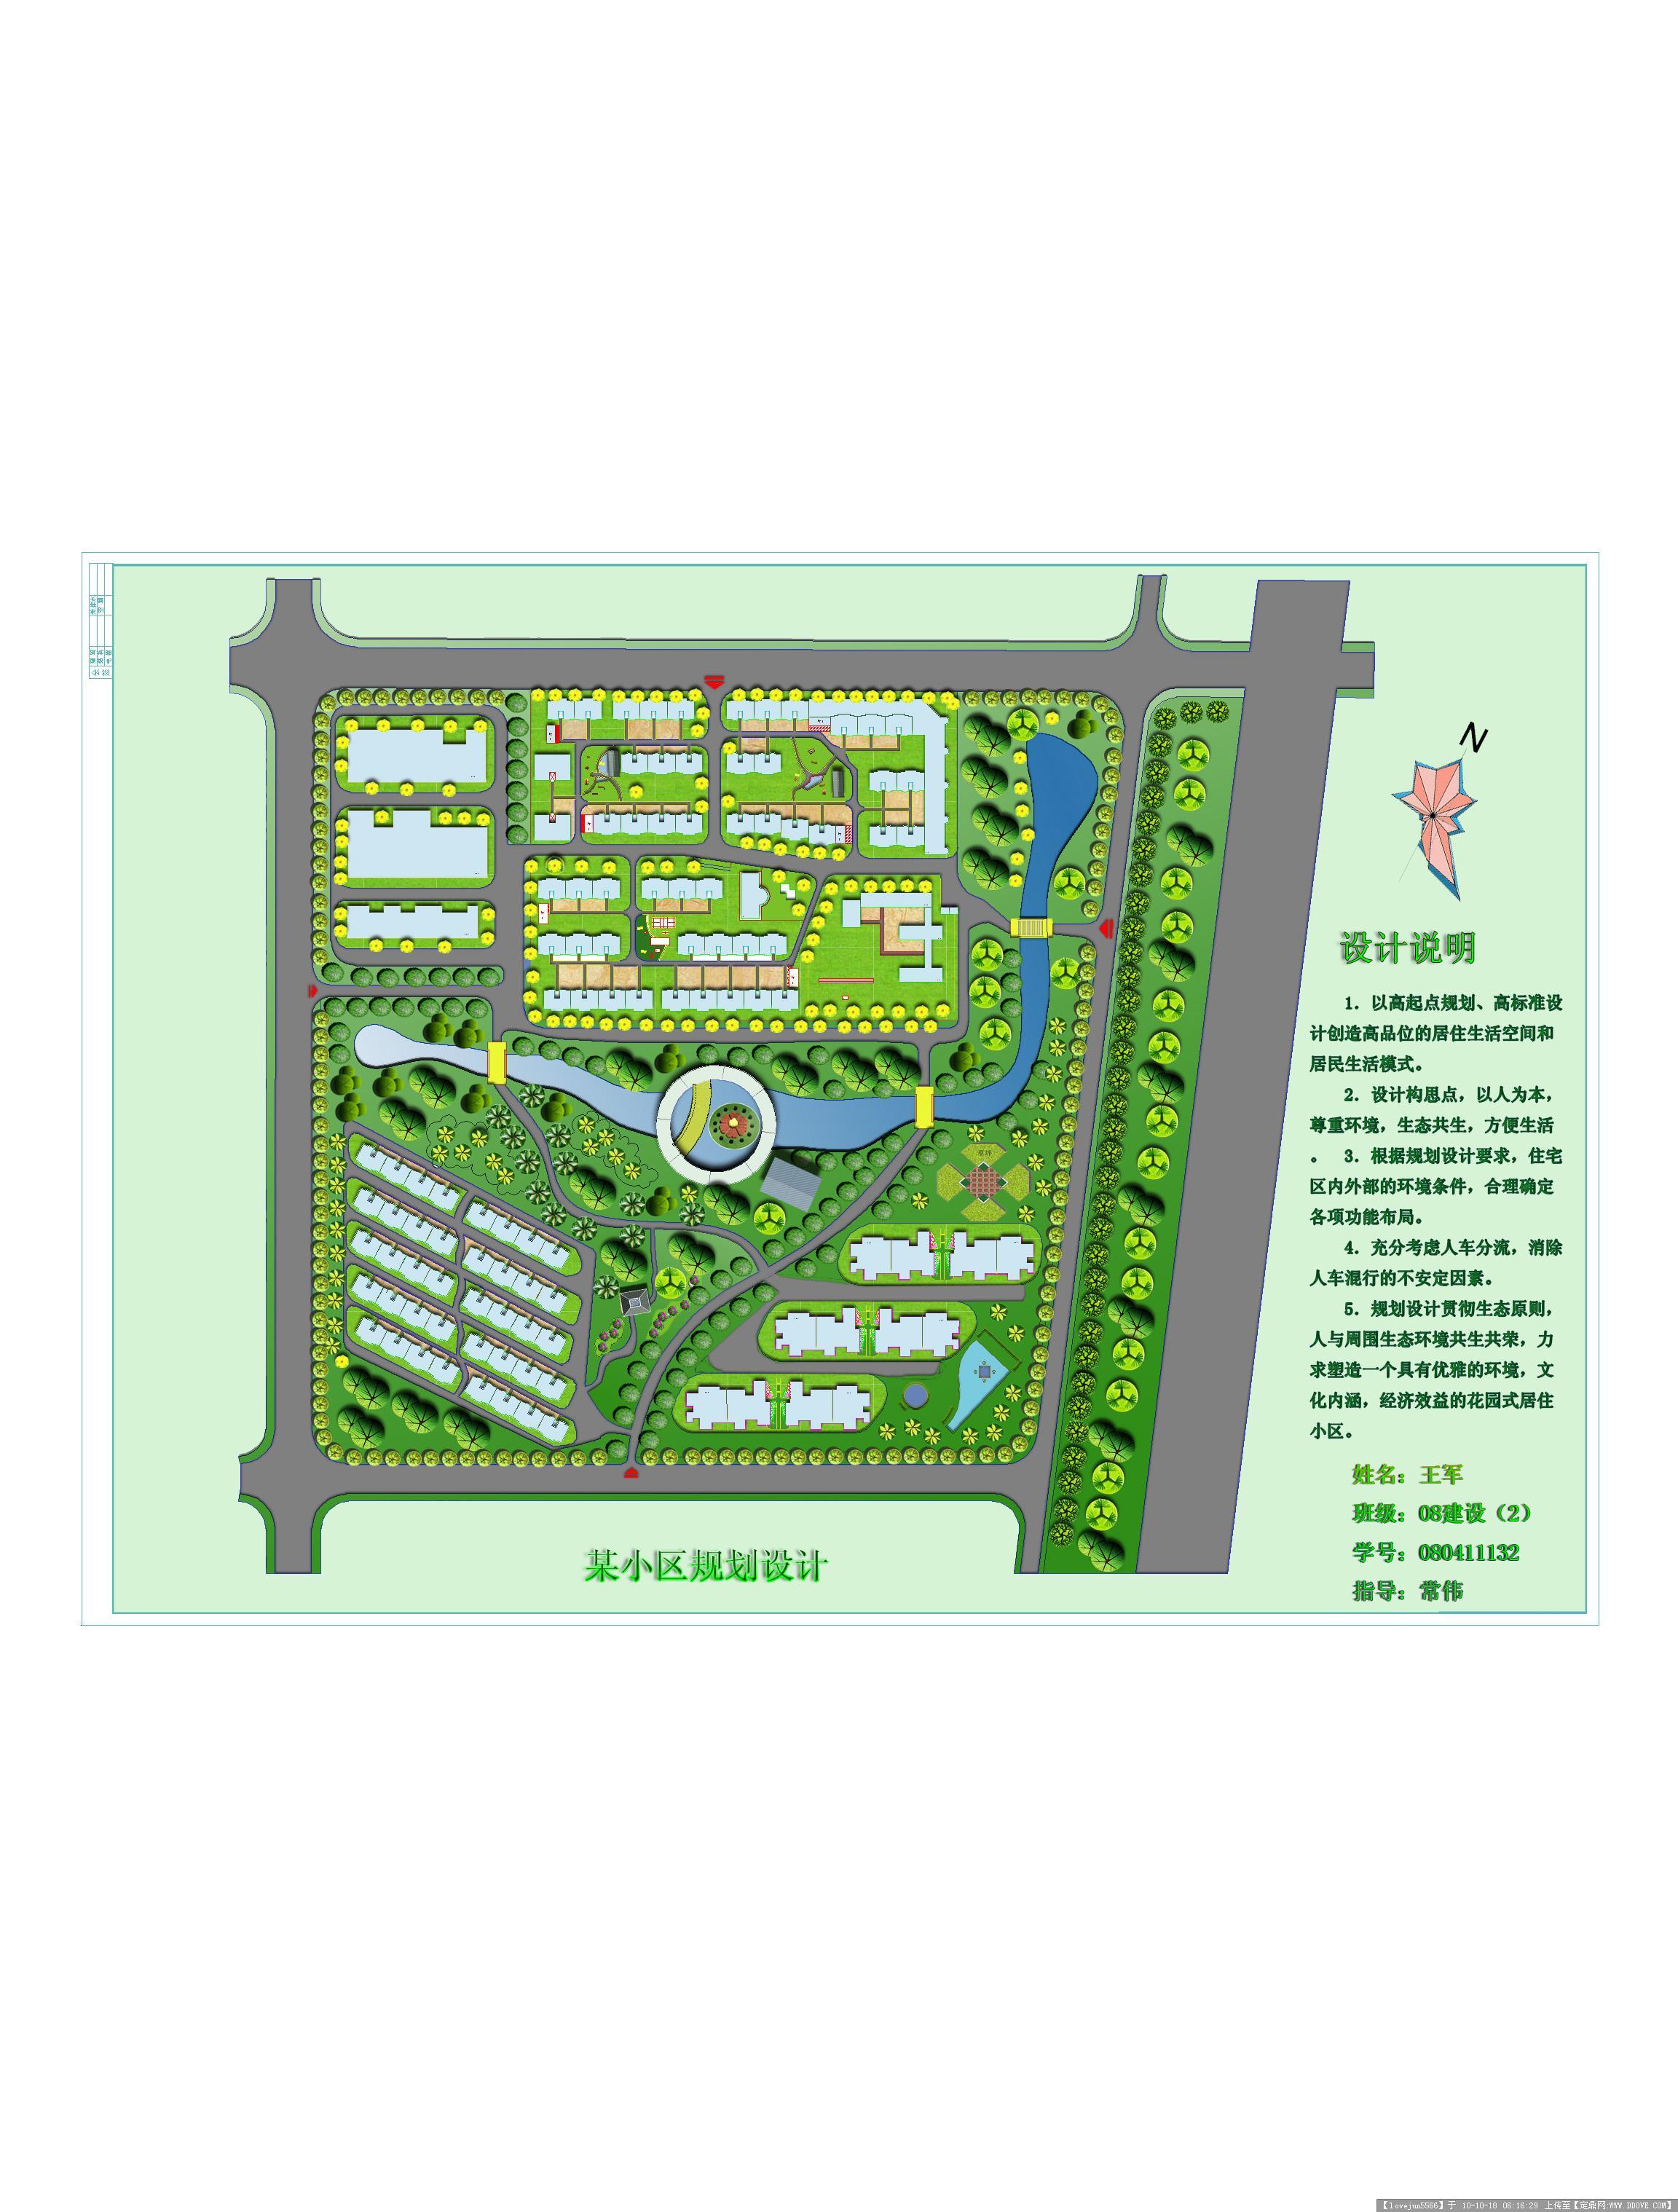 某小区规划设计效果图例